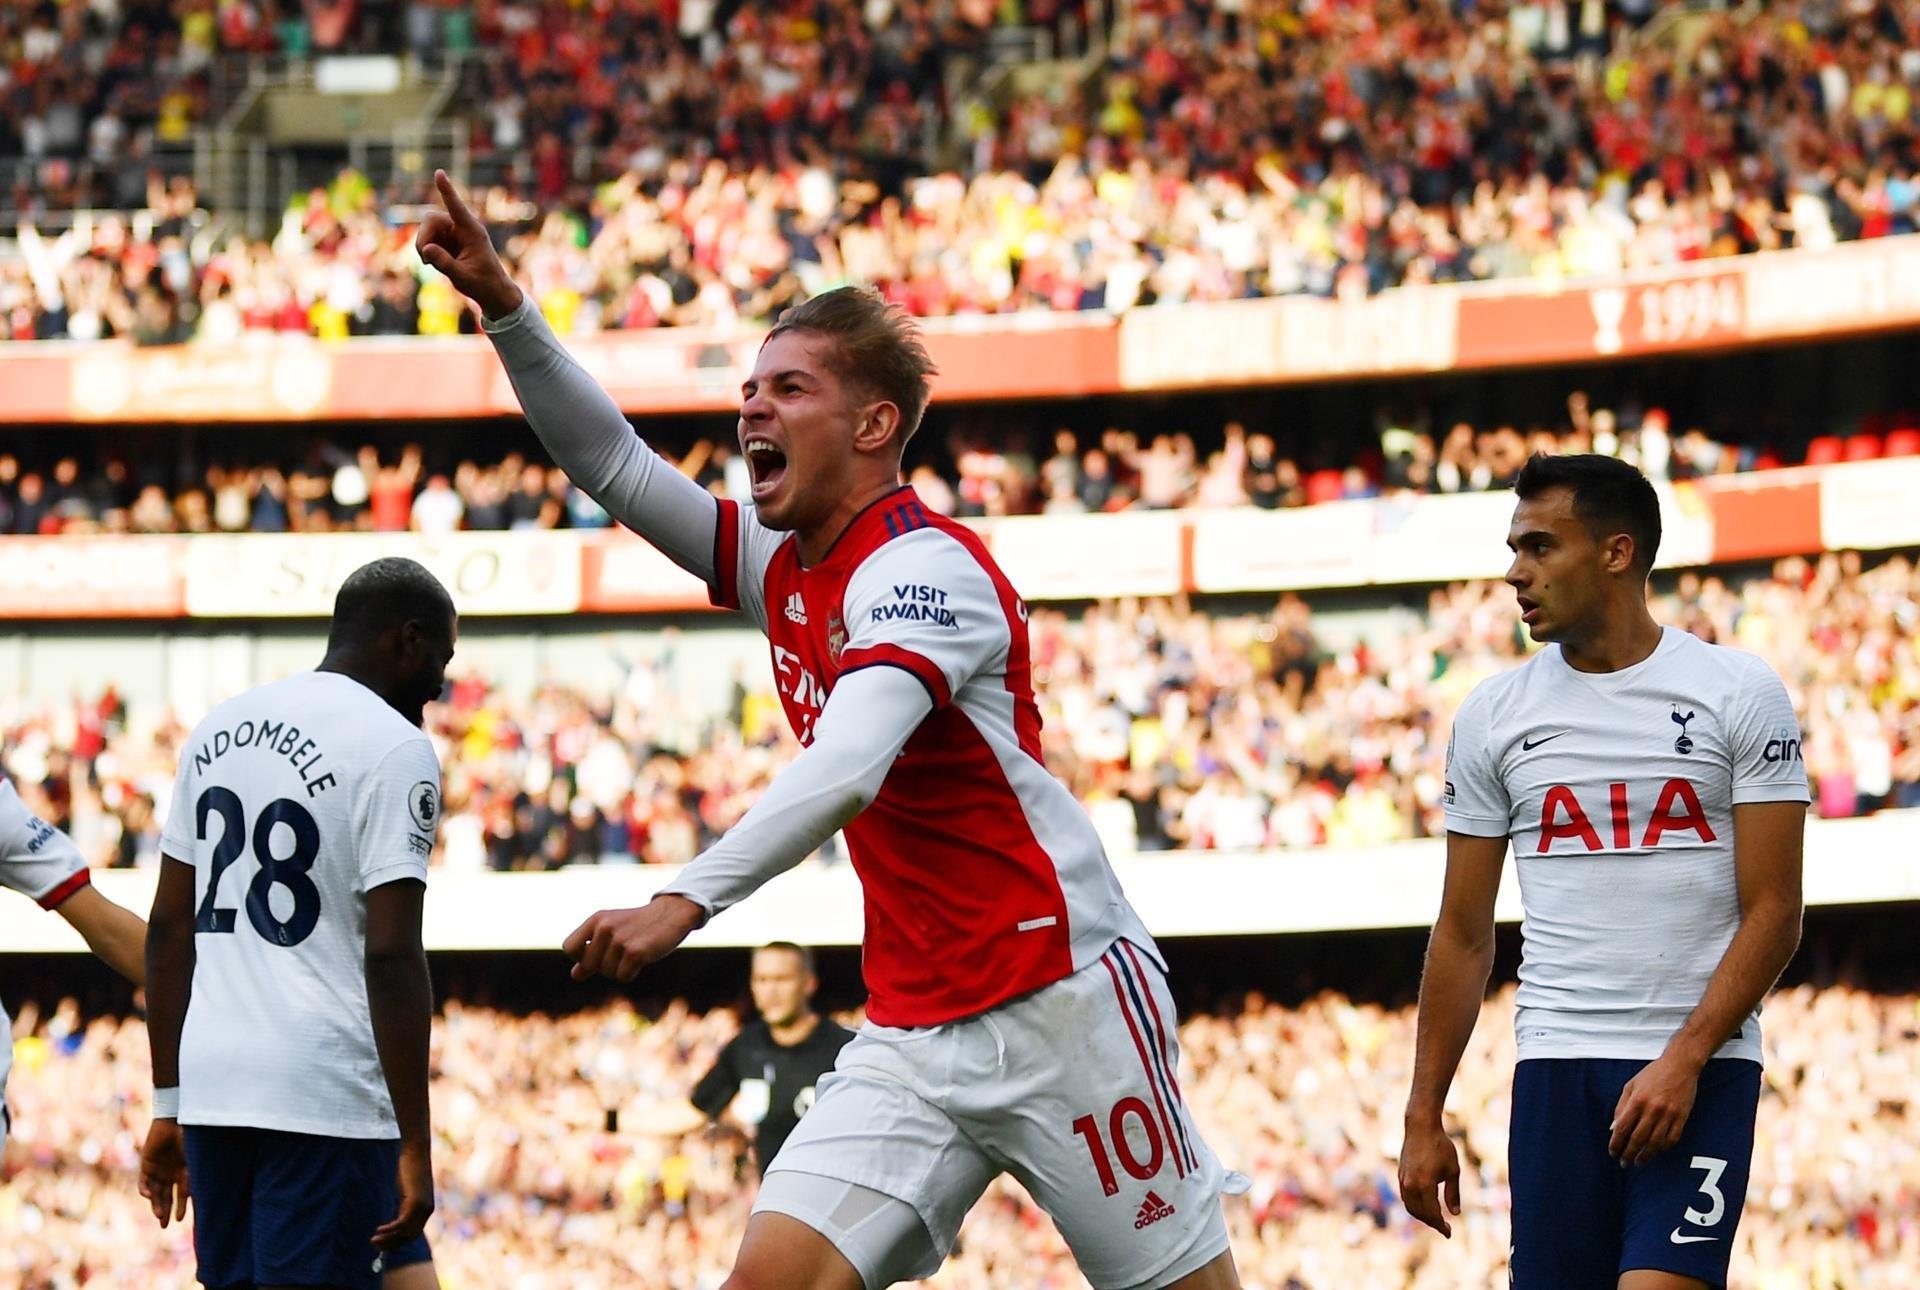 Đè bẹp Tottenham, Arsenal nối dài chuỗi trận thắng  - 1